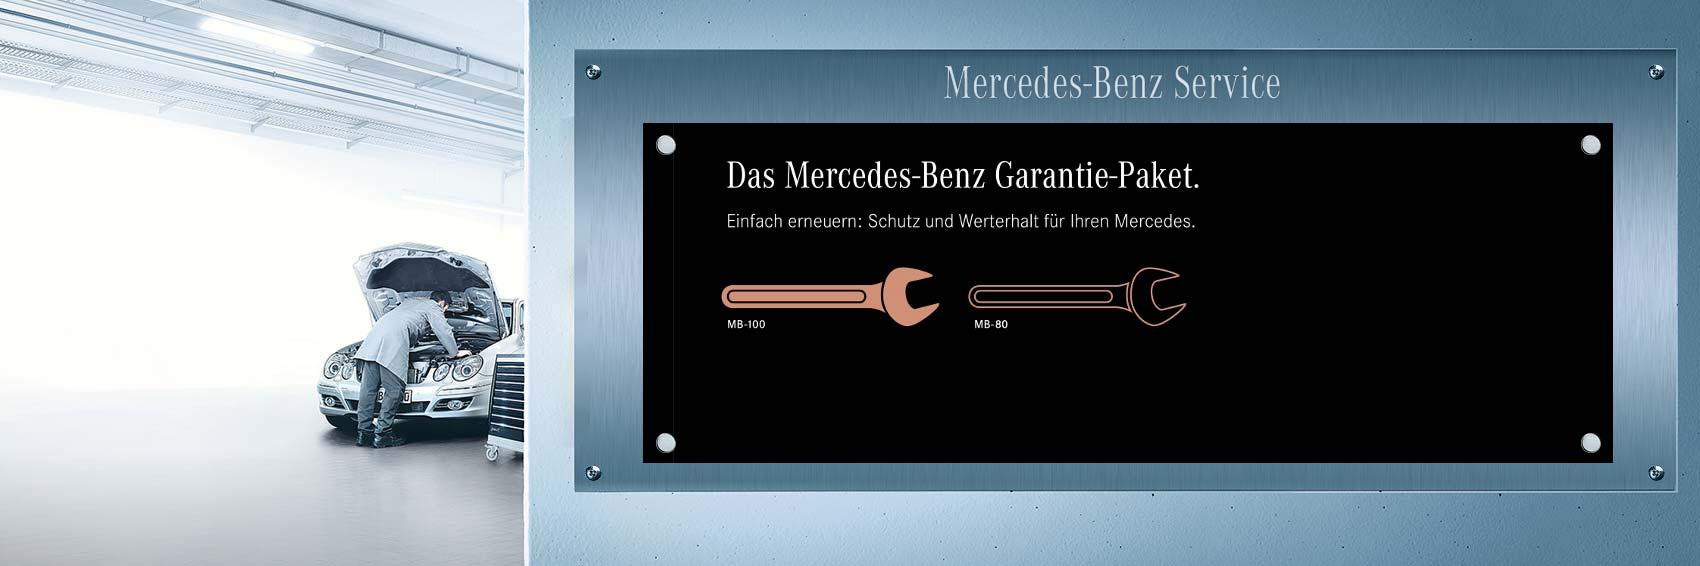 Mercedes-Benz Garantie-Paket